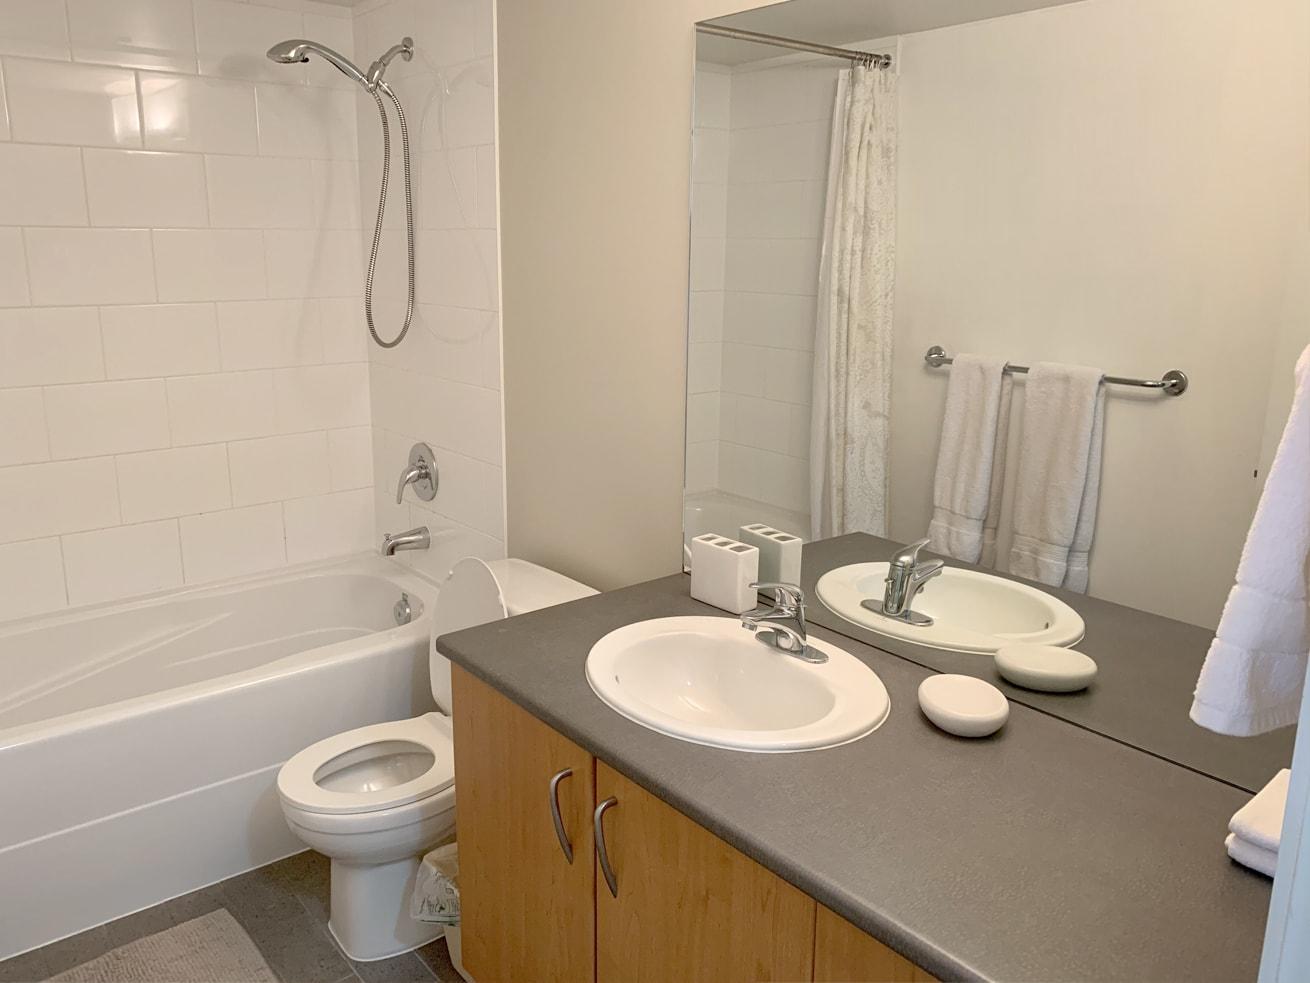 Vancouver condo rentals oscar studio bathroom